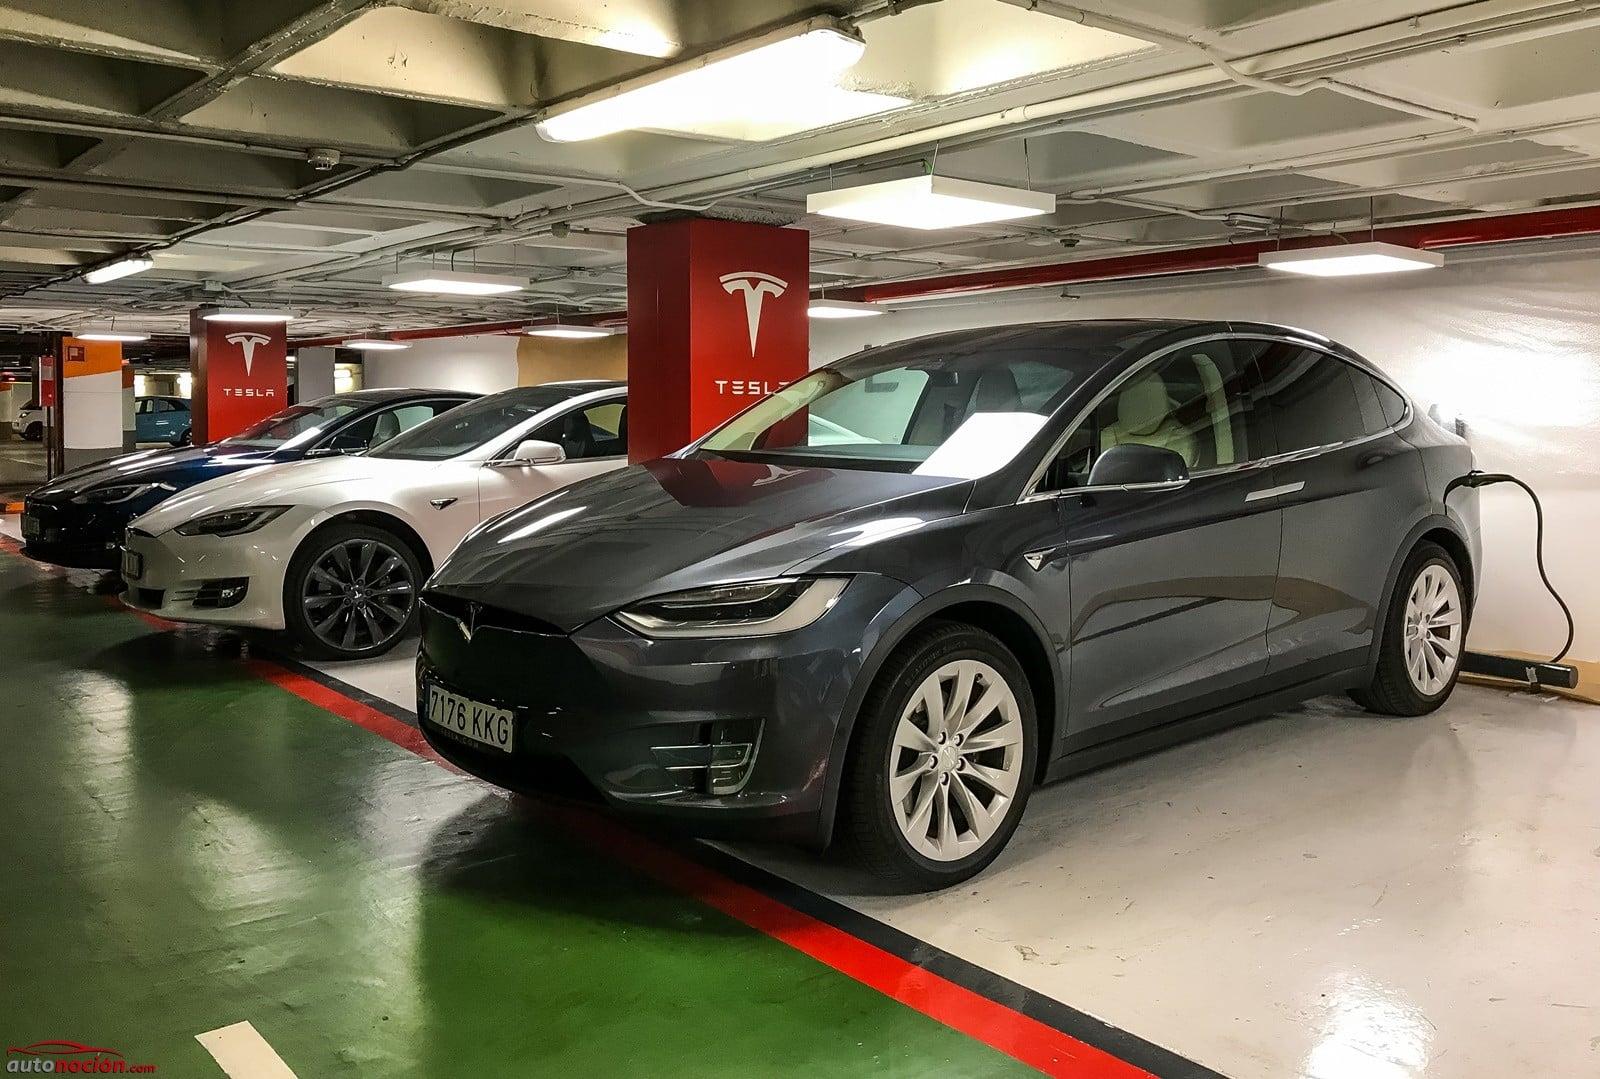 Los coches eléctricos se enchufarían por la noche. La red eléctrica no podría sostenerlo a gran escala